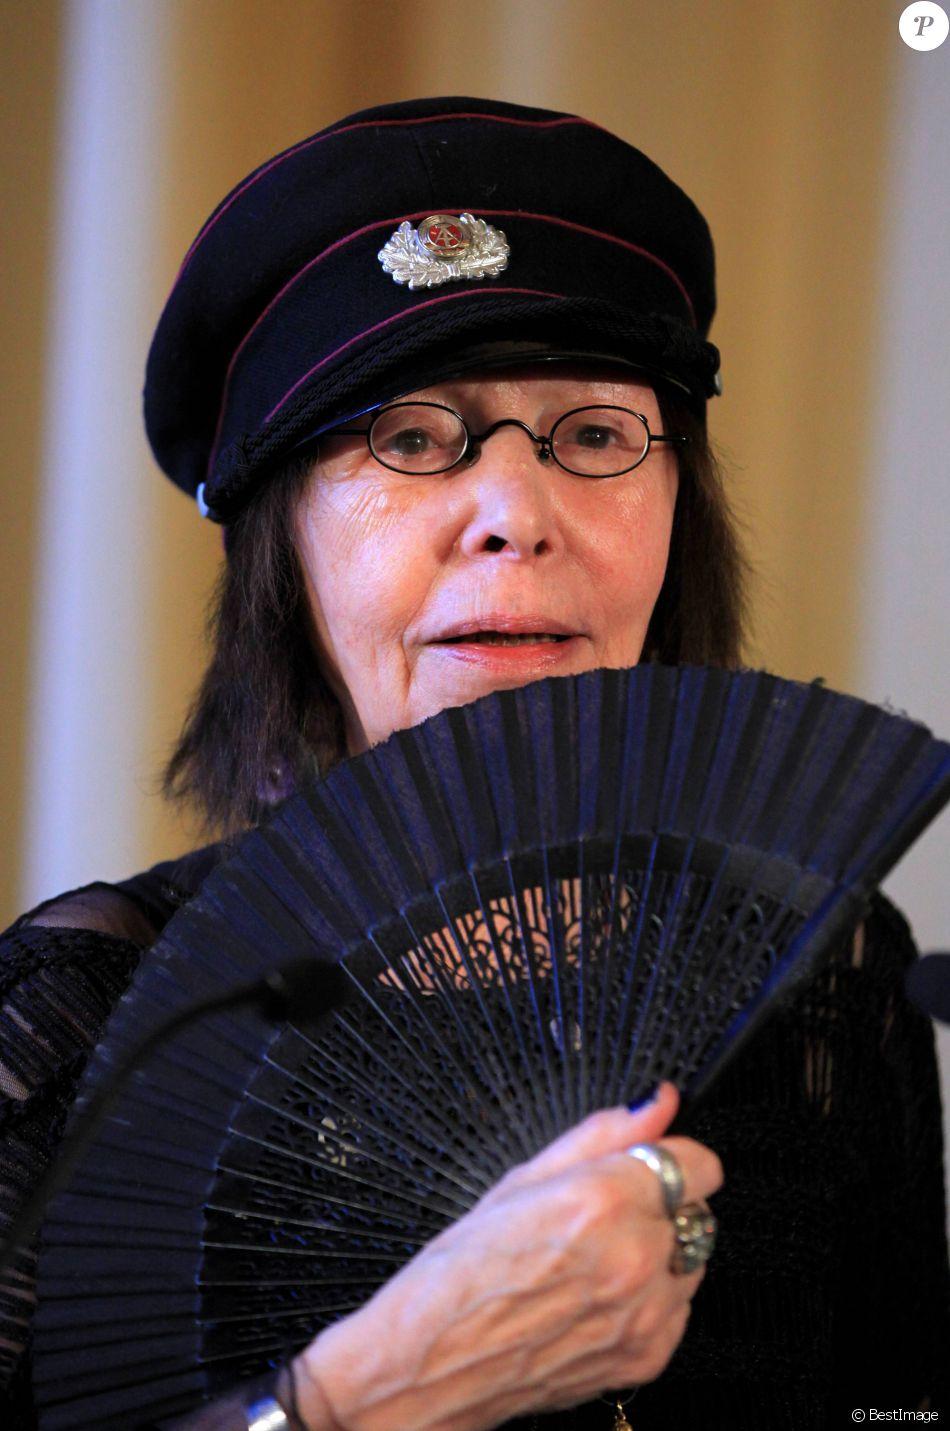 Brigitte Fontaine - Remise de la médaille Vermeil de la ville de Paris, par Christophe Girard, le 22 mars 2012